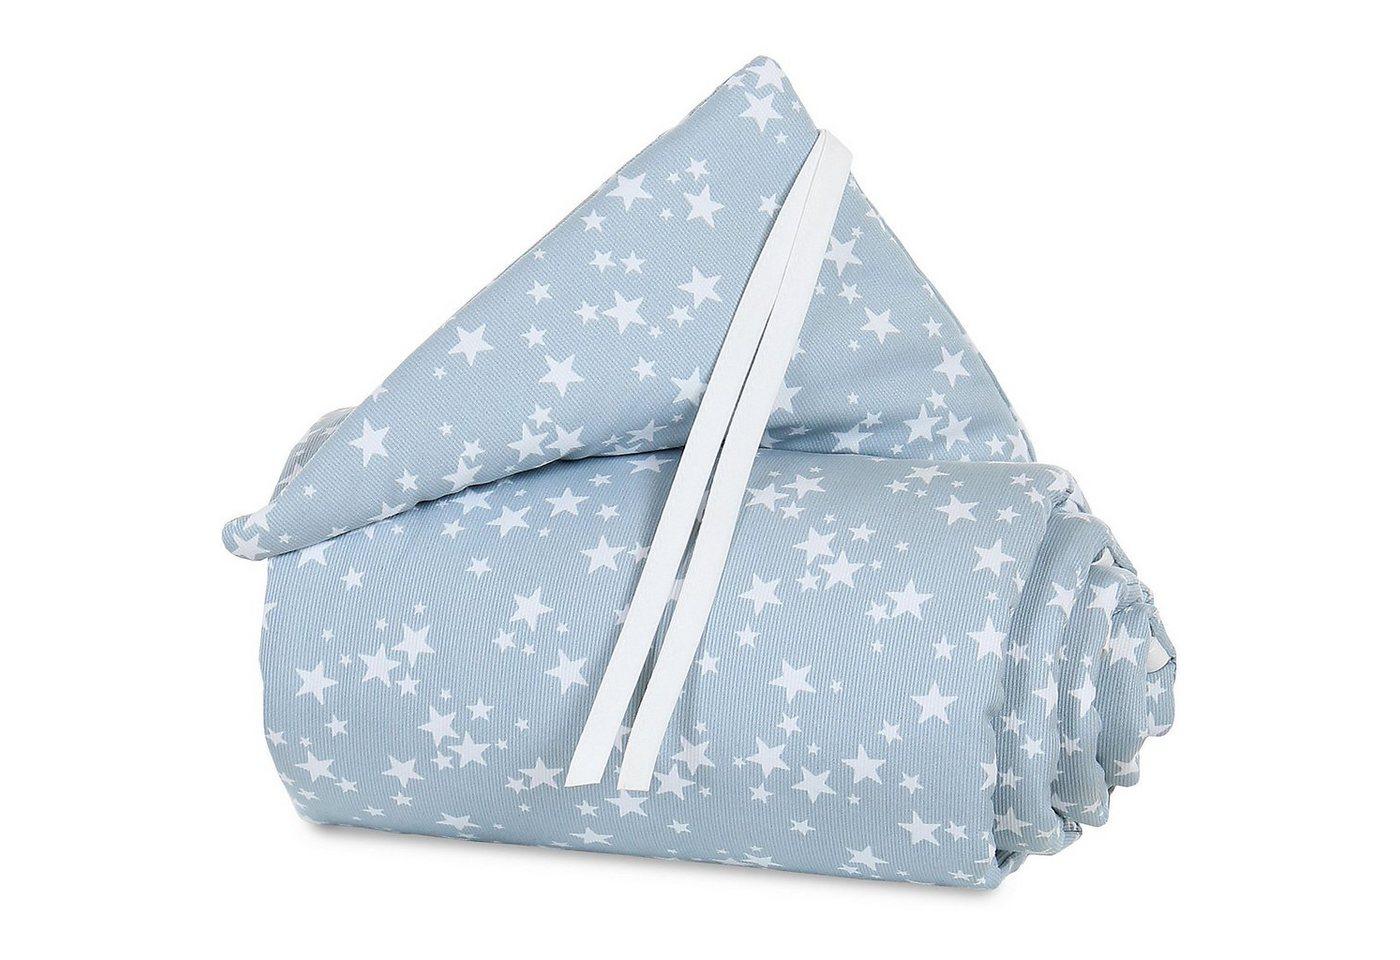 Babymatratzen - Tobi Nestchen pique für babybay original, azurblau Sterne weiß, 1  - Onlineshop OTTO